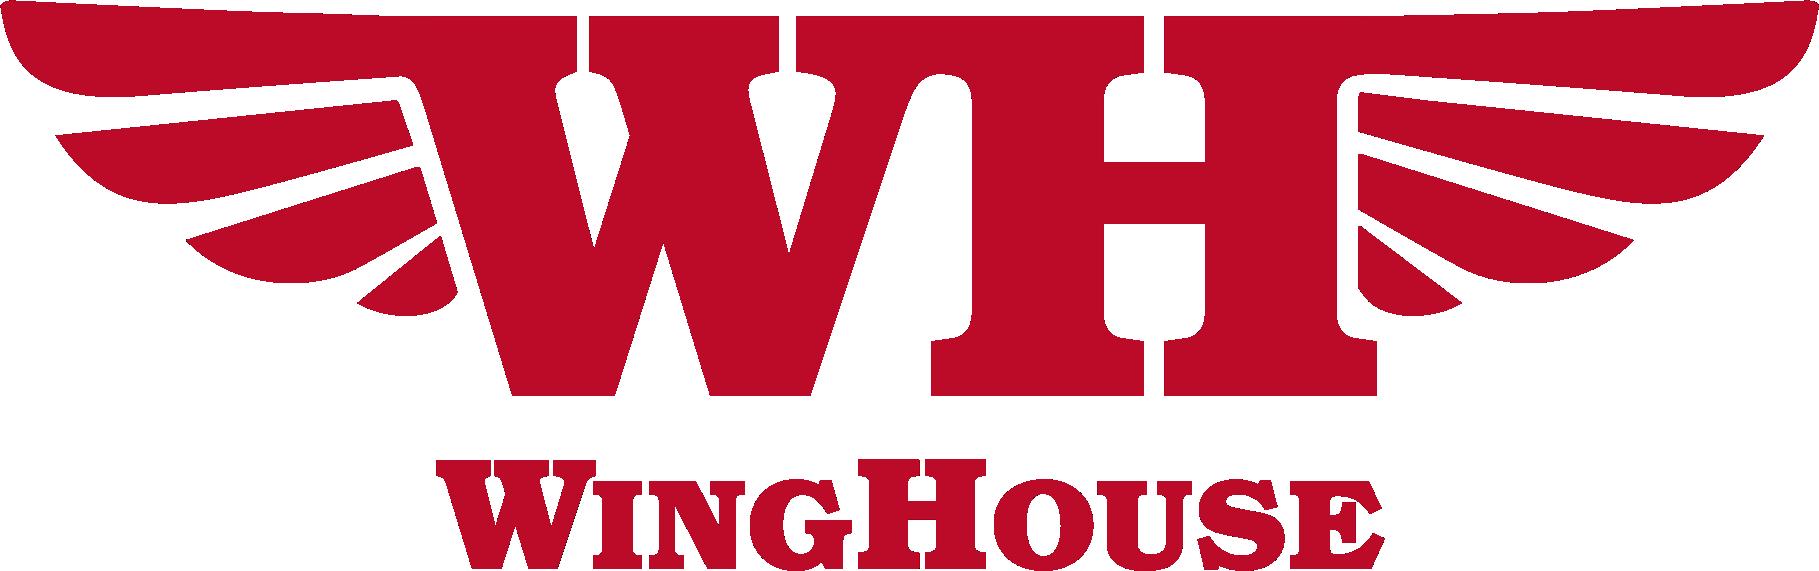 Login Winghouse Merch